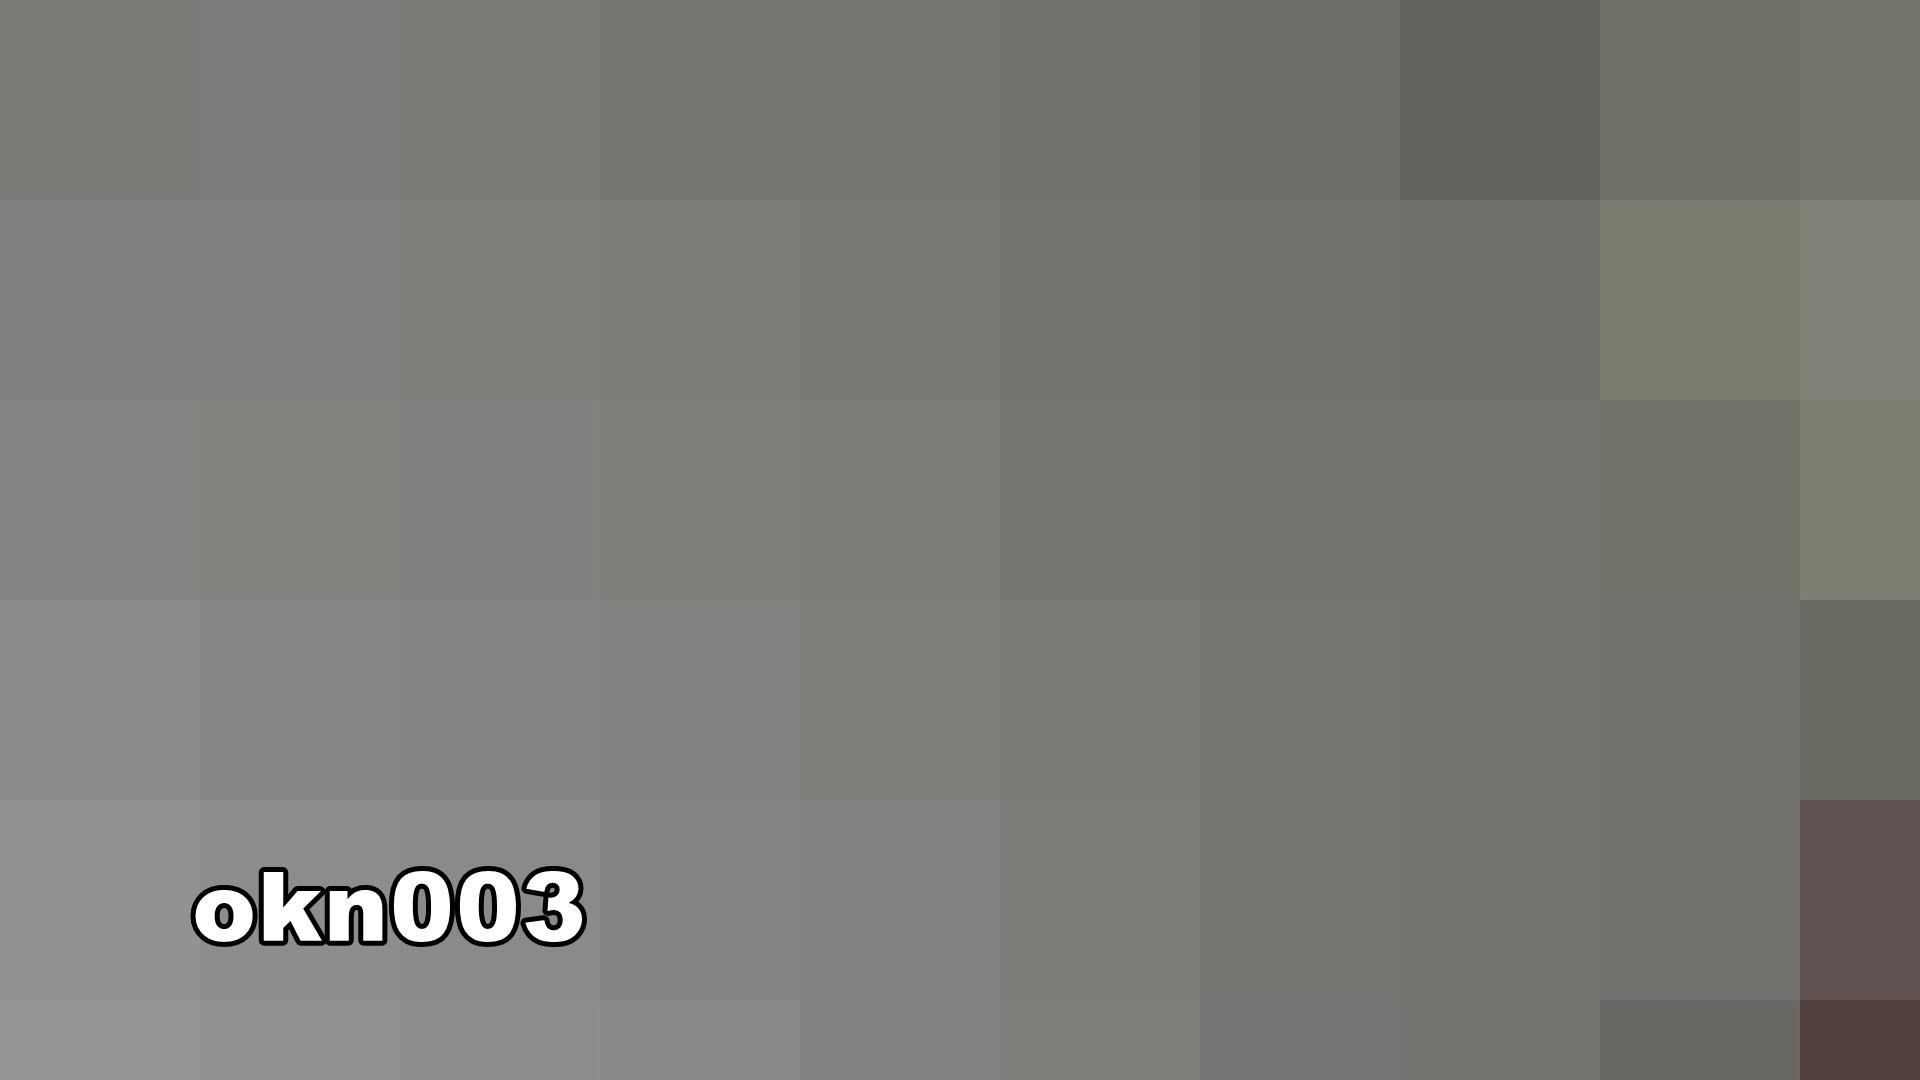 下からノゾム vol.003 メガネ率高し 丸見え  102PIX 43